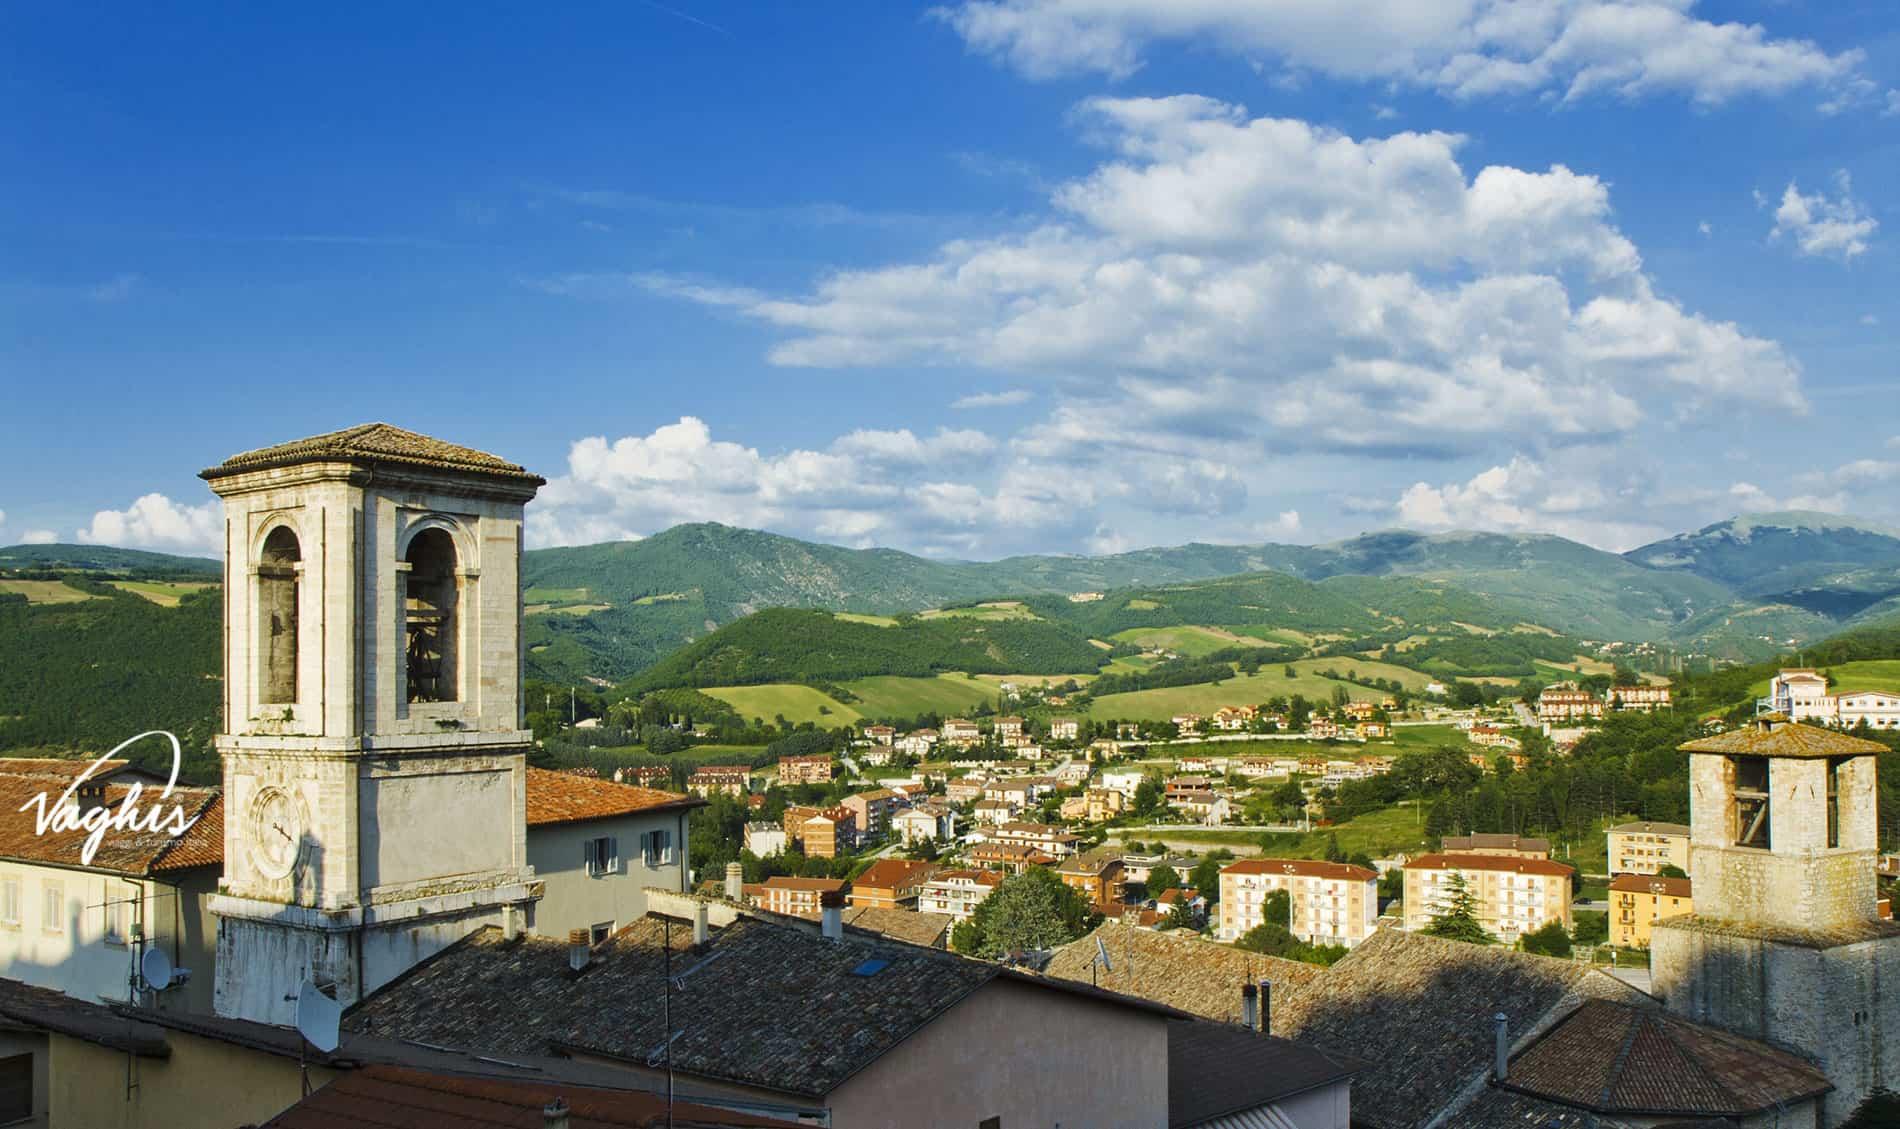 Cascia - © Vaghis viaggi & turismo Italia - Tutti i diritti riservati